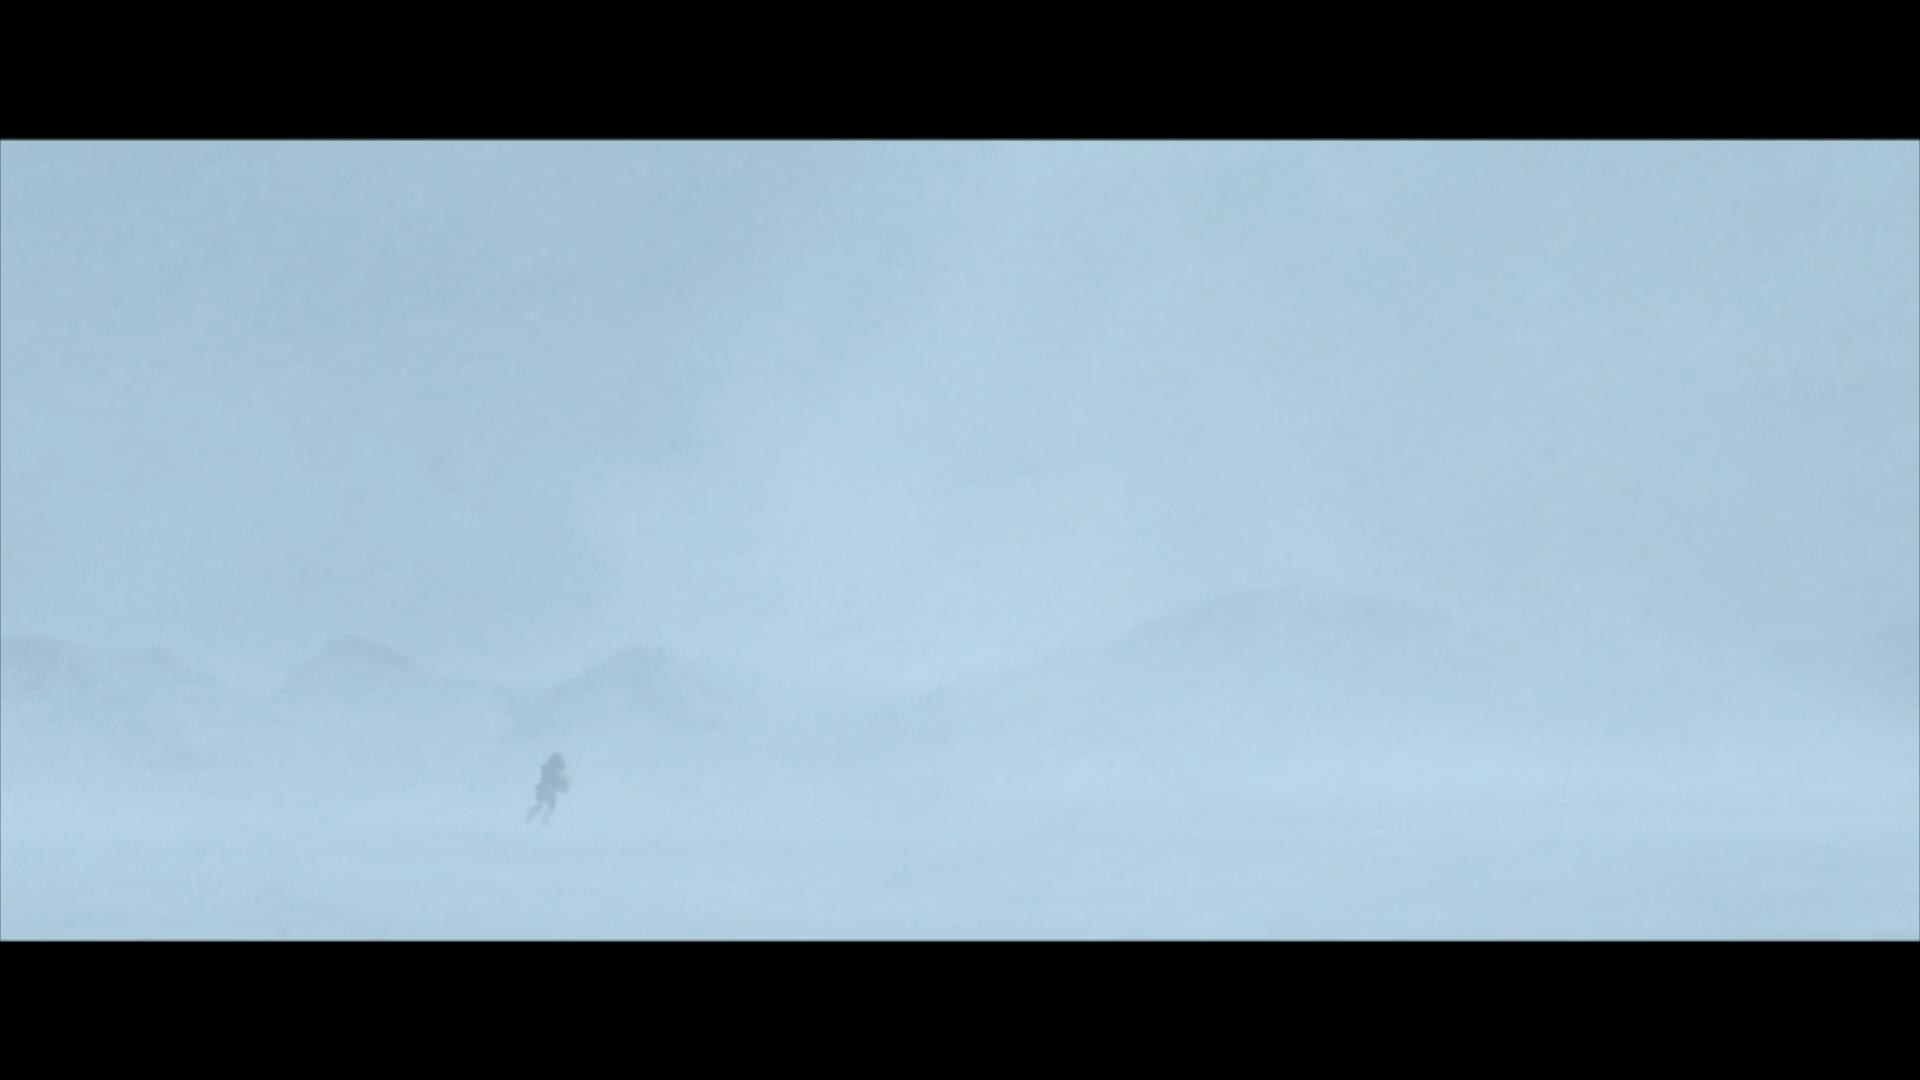 2018《阿尔法:狼伴归途》2700字,7分钟剧情解说稿-第14张图片